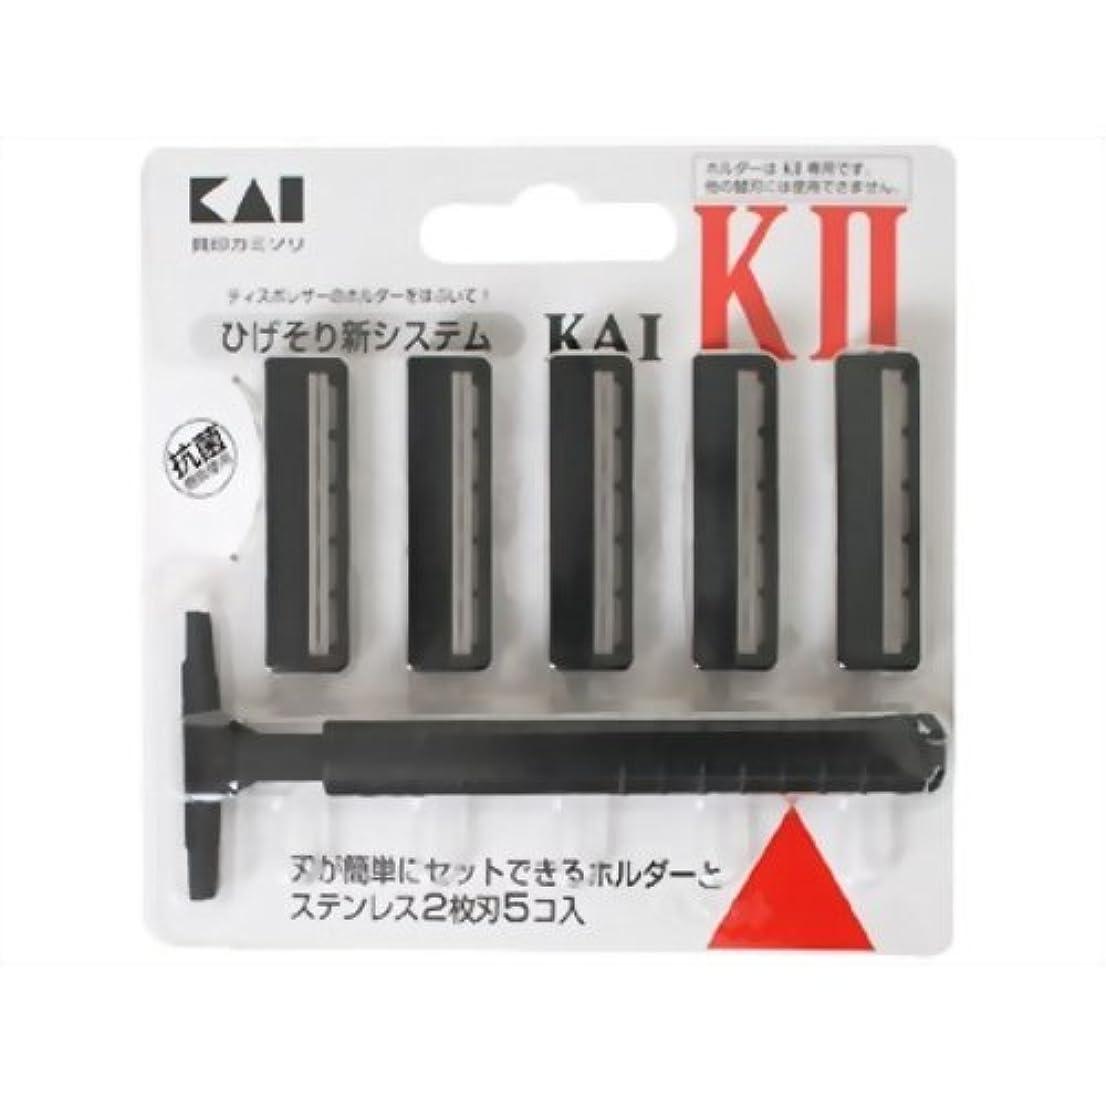 K-2 ひげそり用カミソリ ホルダー 替刃5コ付